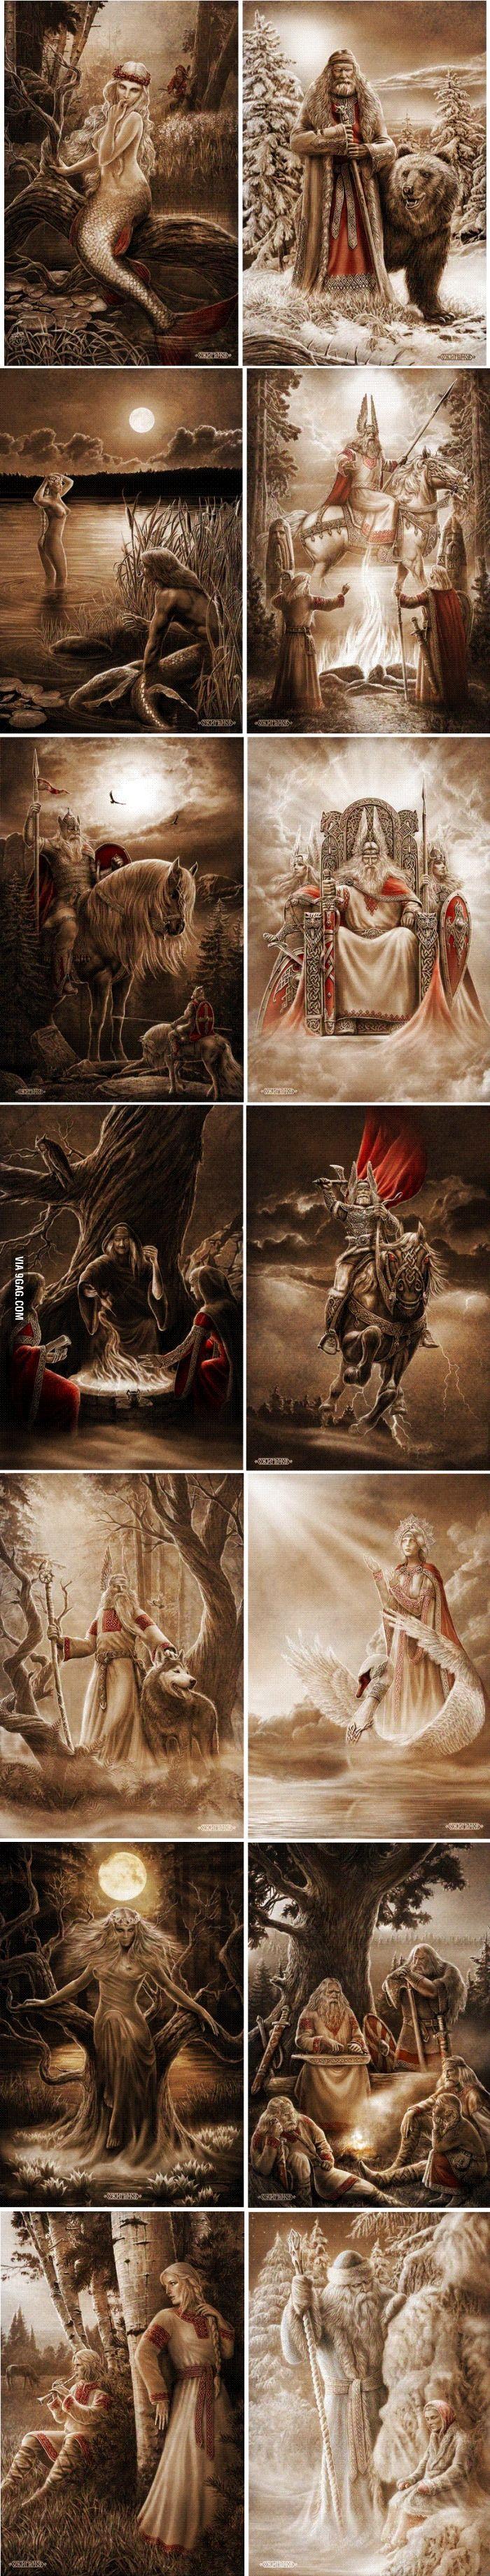 Slavic mythology. By Igor Ozhiganov                                                                                                                                                                                 Más